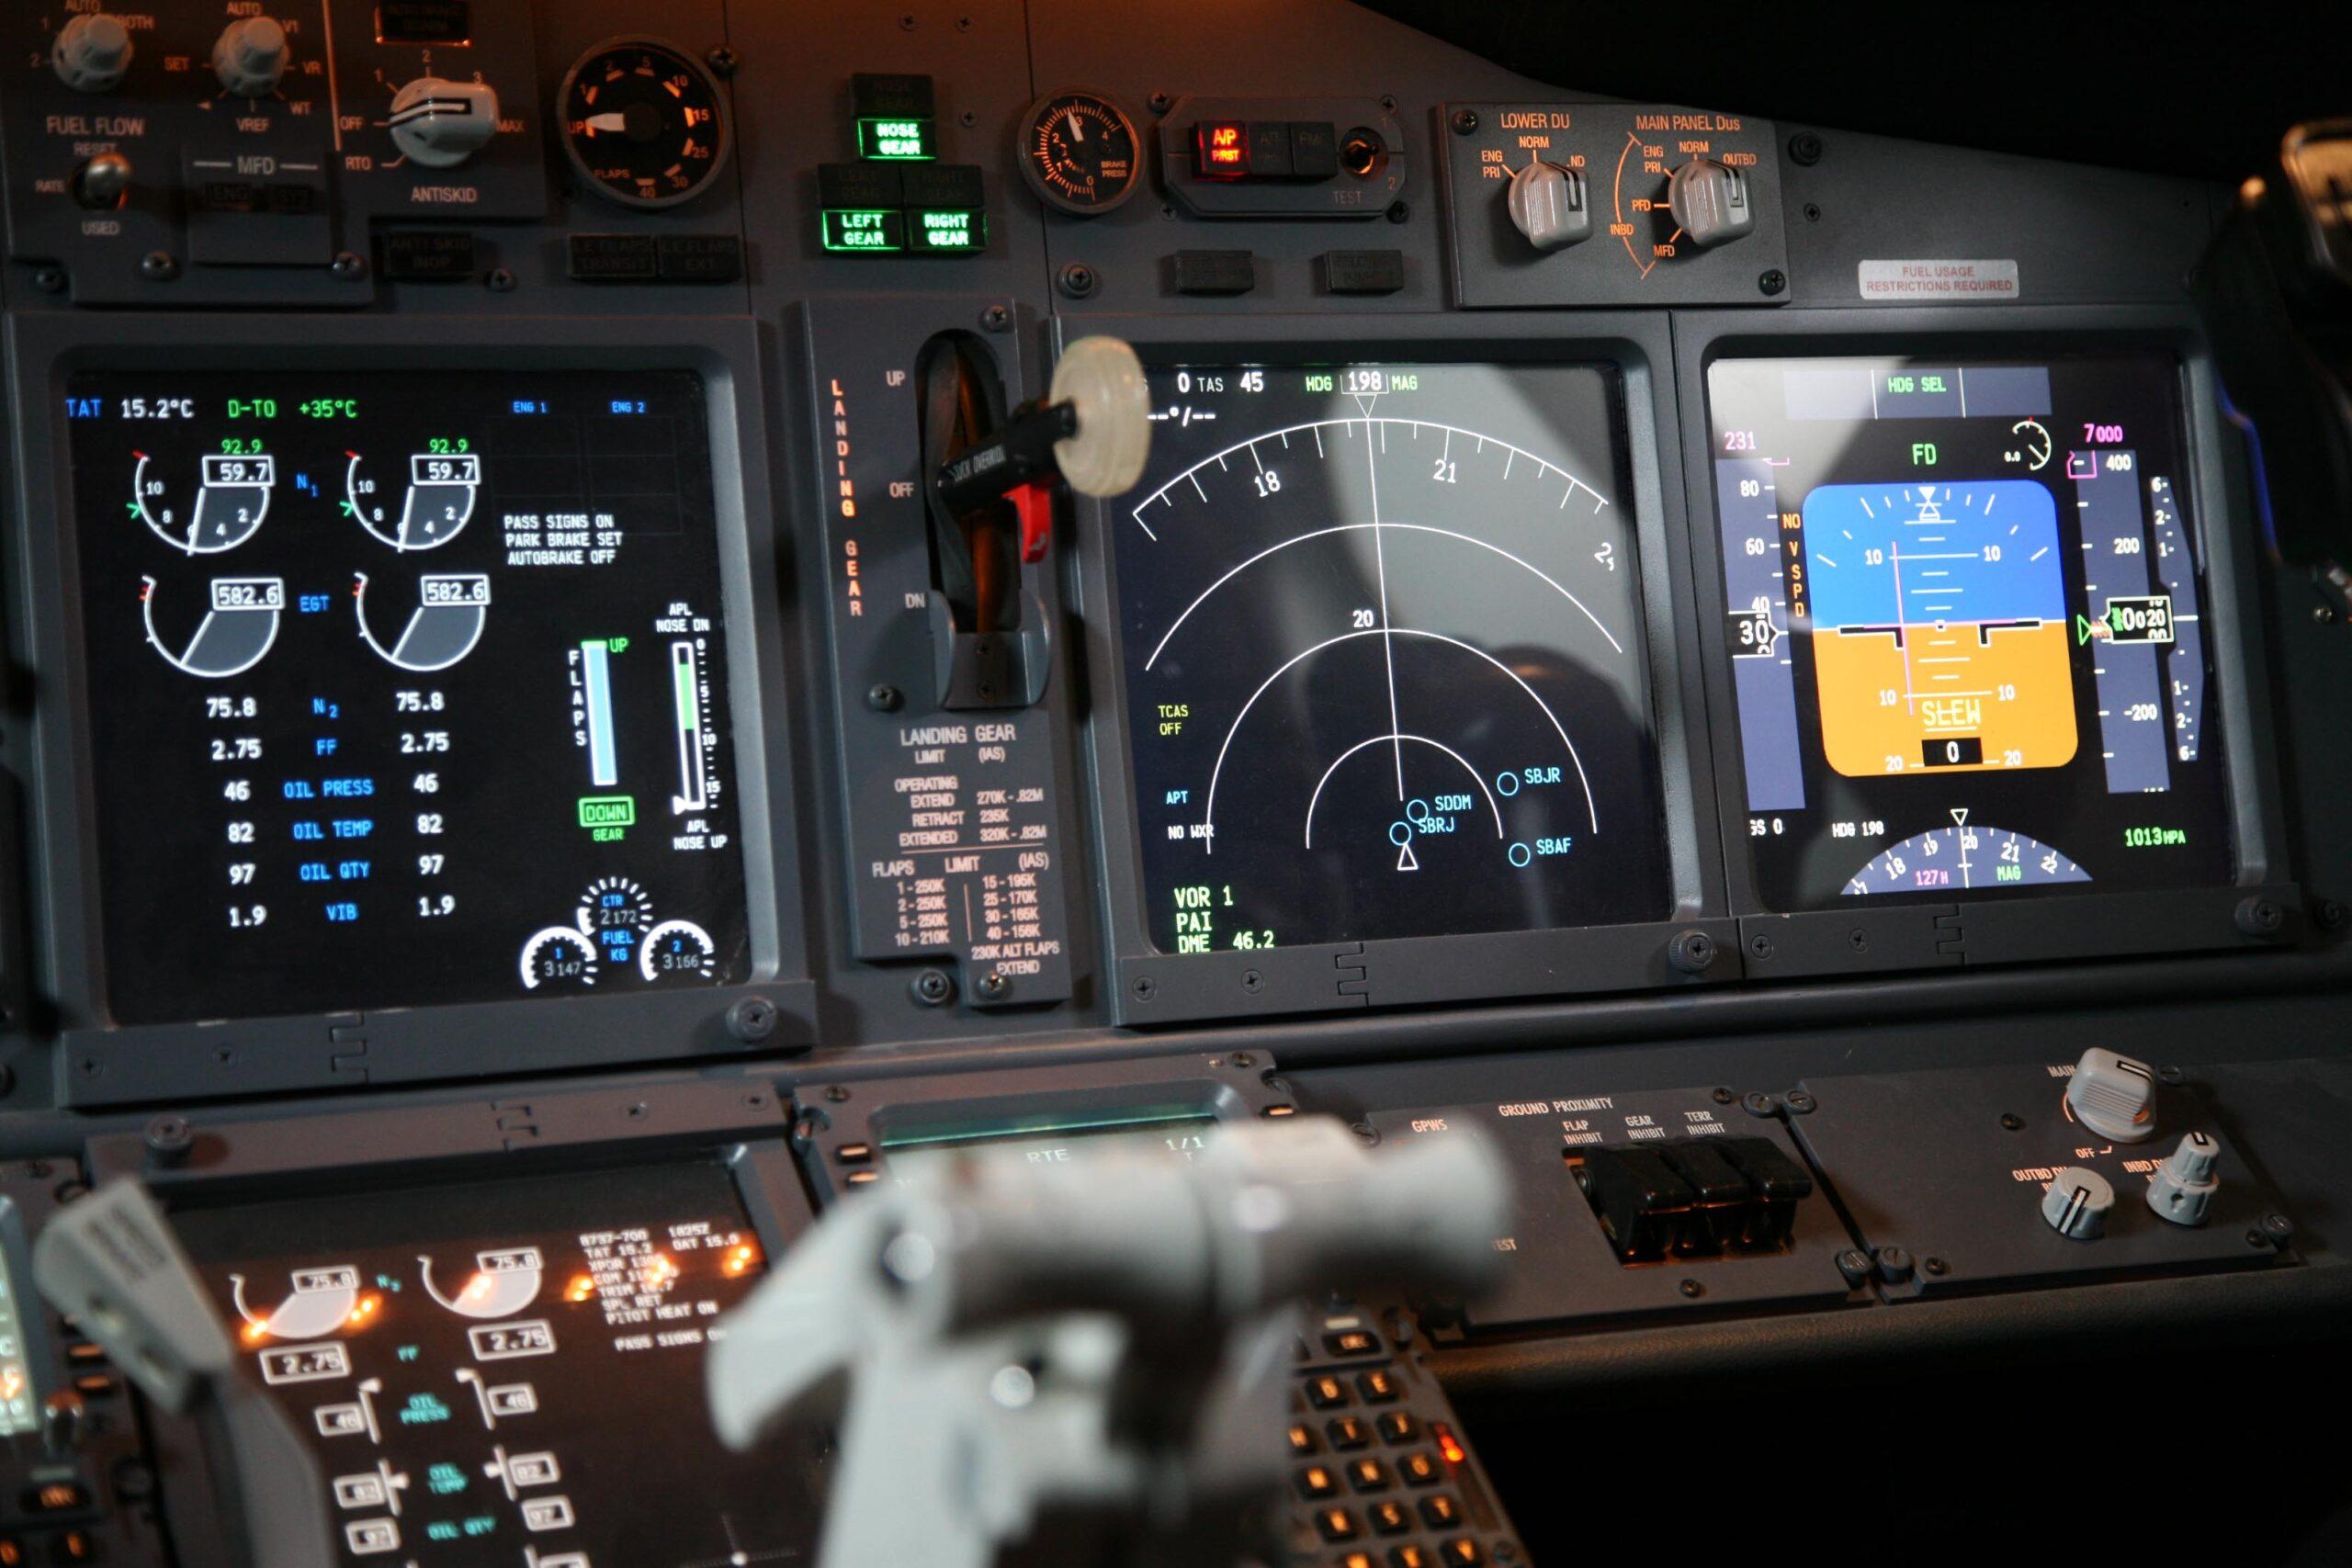 aircraft signal meter